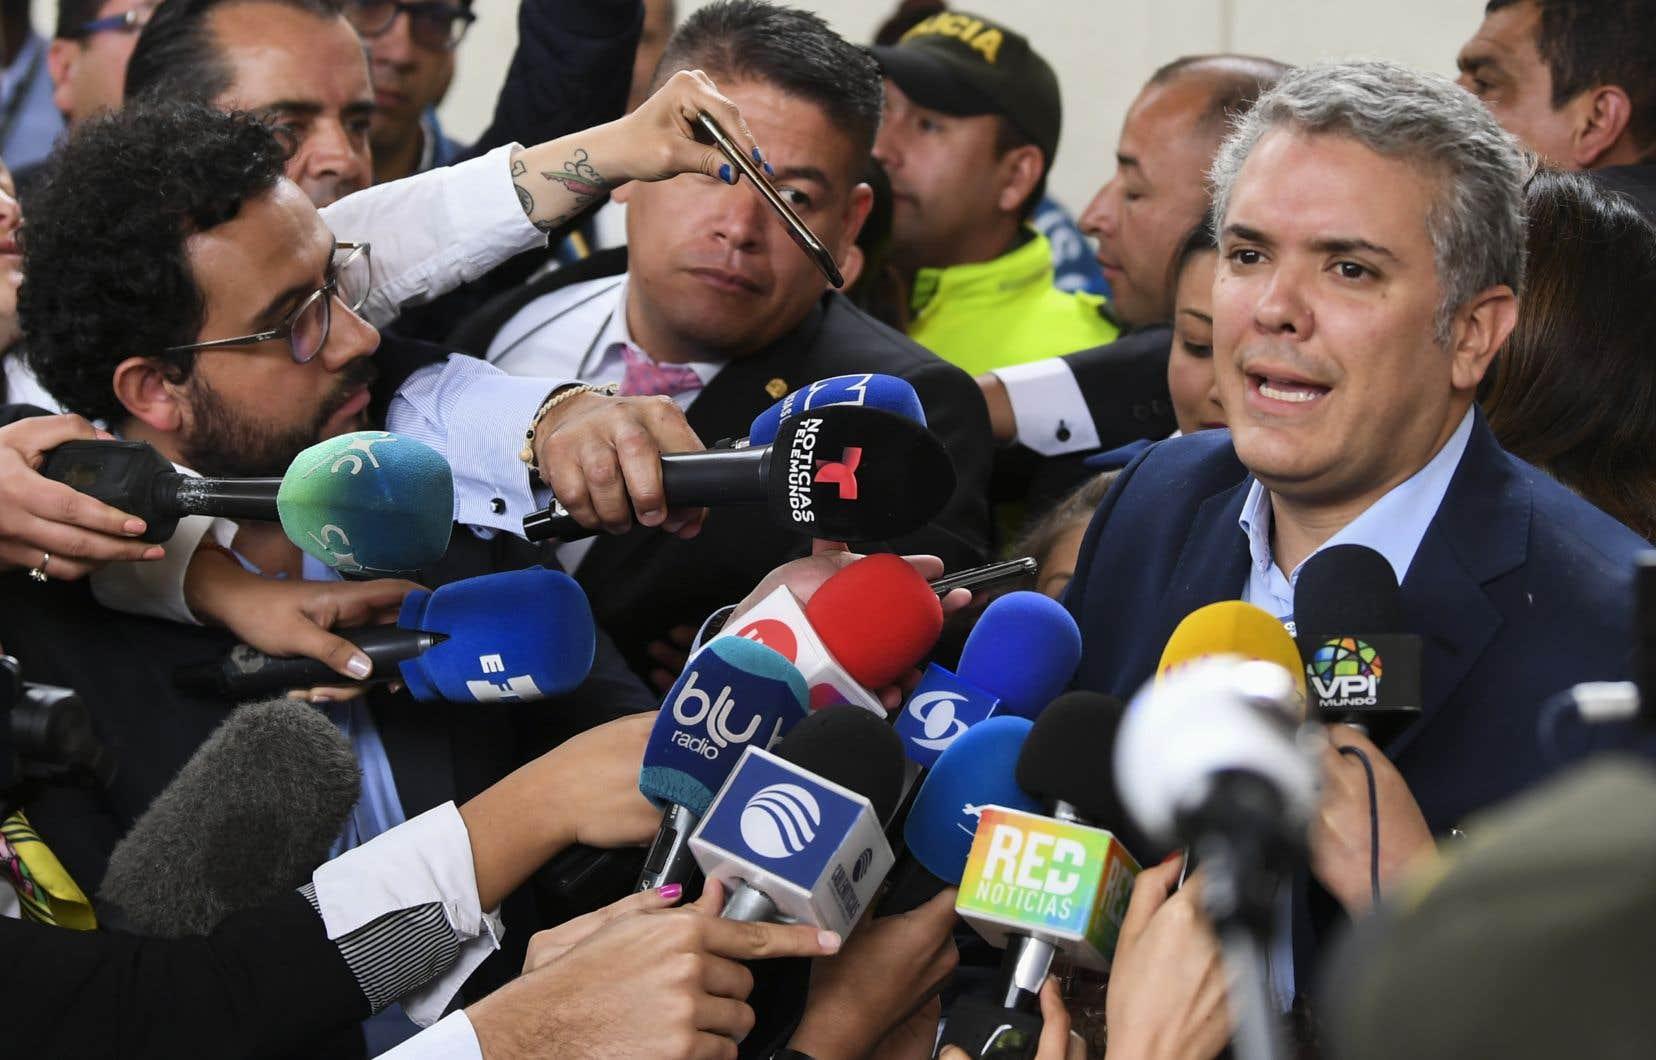 Ivan Duque, dauphin de l'ex-président Alvaro Uribe, a recueilli 39,11% des voix, suivi par Gustavo Petro, ex-guérillero du M-19 dissout, avec 25,10%.